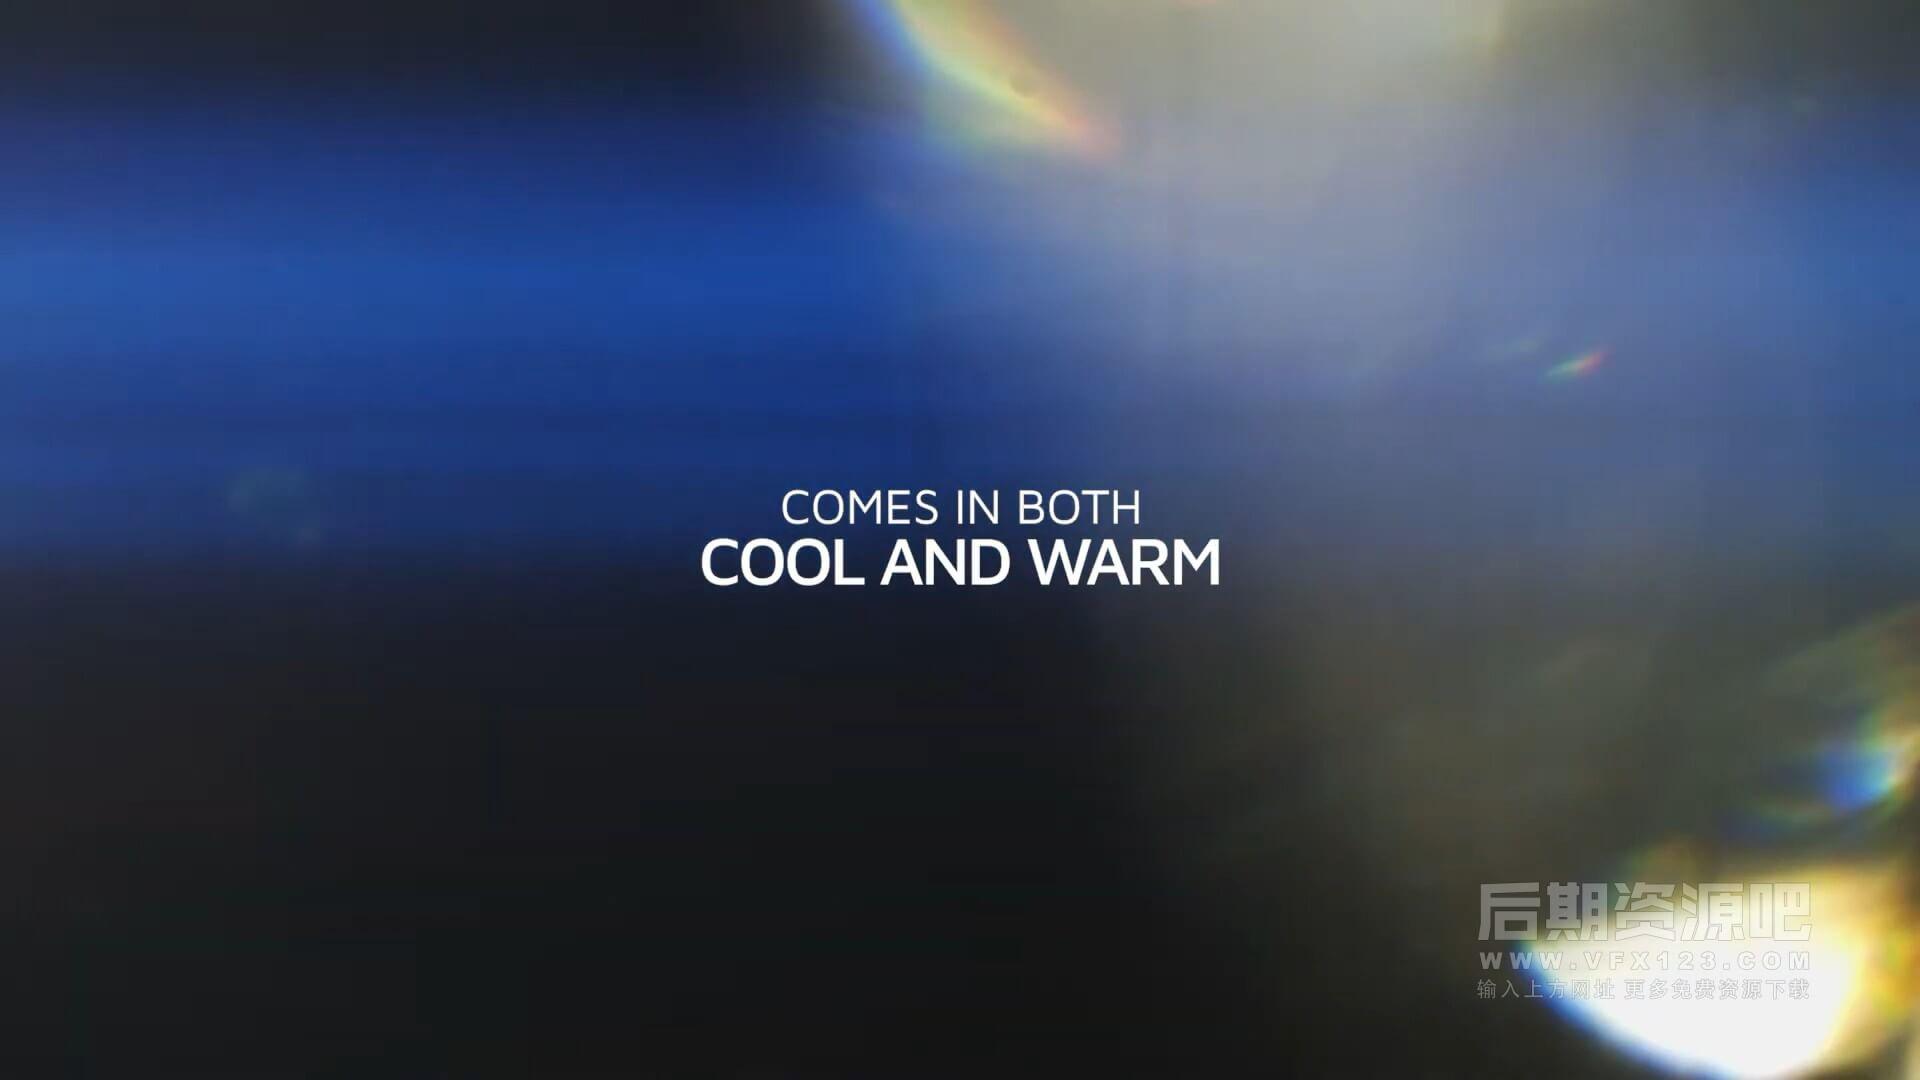 视频素材 4k冷暖色调镜头变形光斑反射光素材包 ANAMORPHIC FLARES